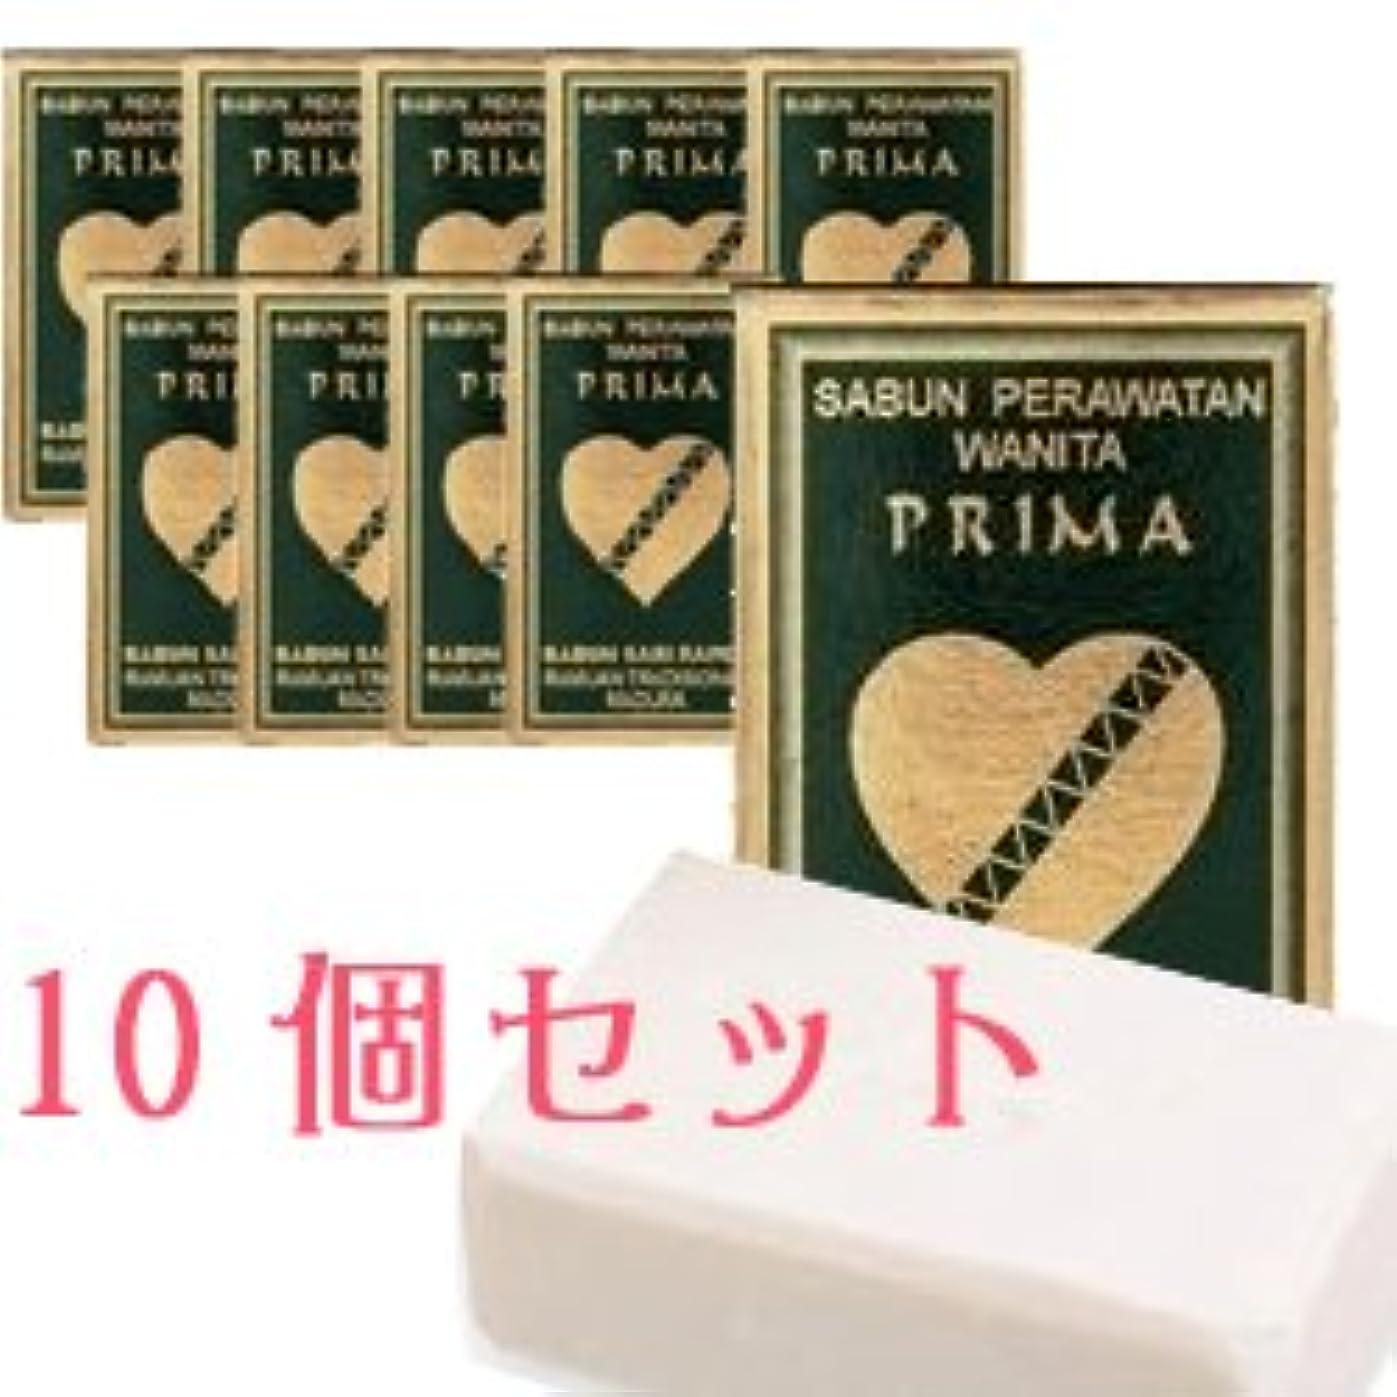 爪夕暮れ教室プリマ サリラペソープ 80g 10個セット 【並行輸入品】